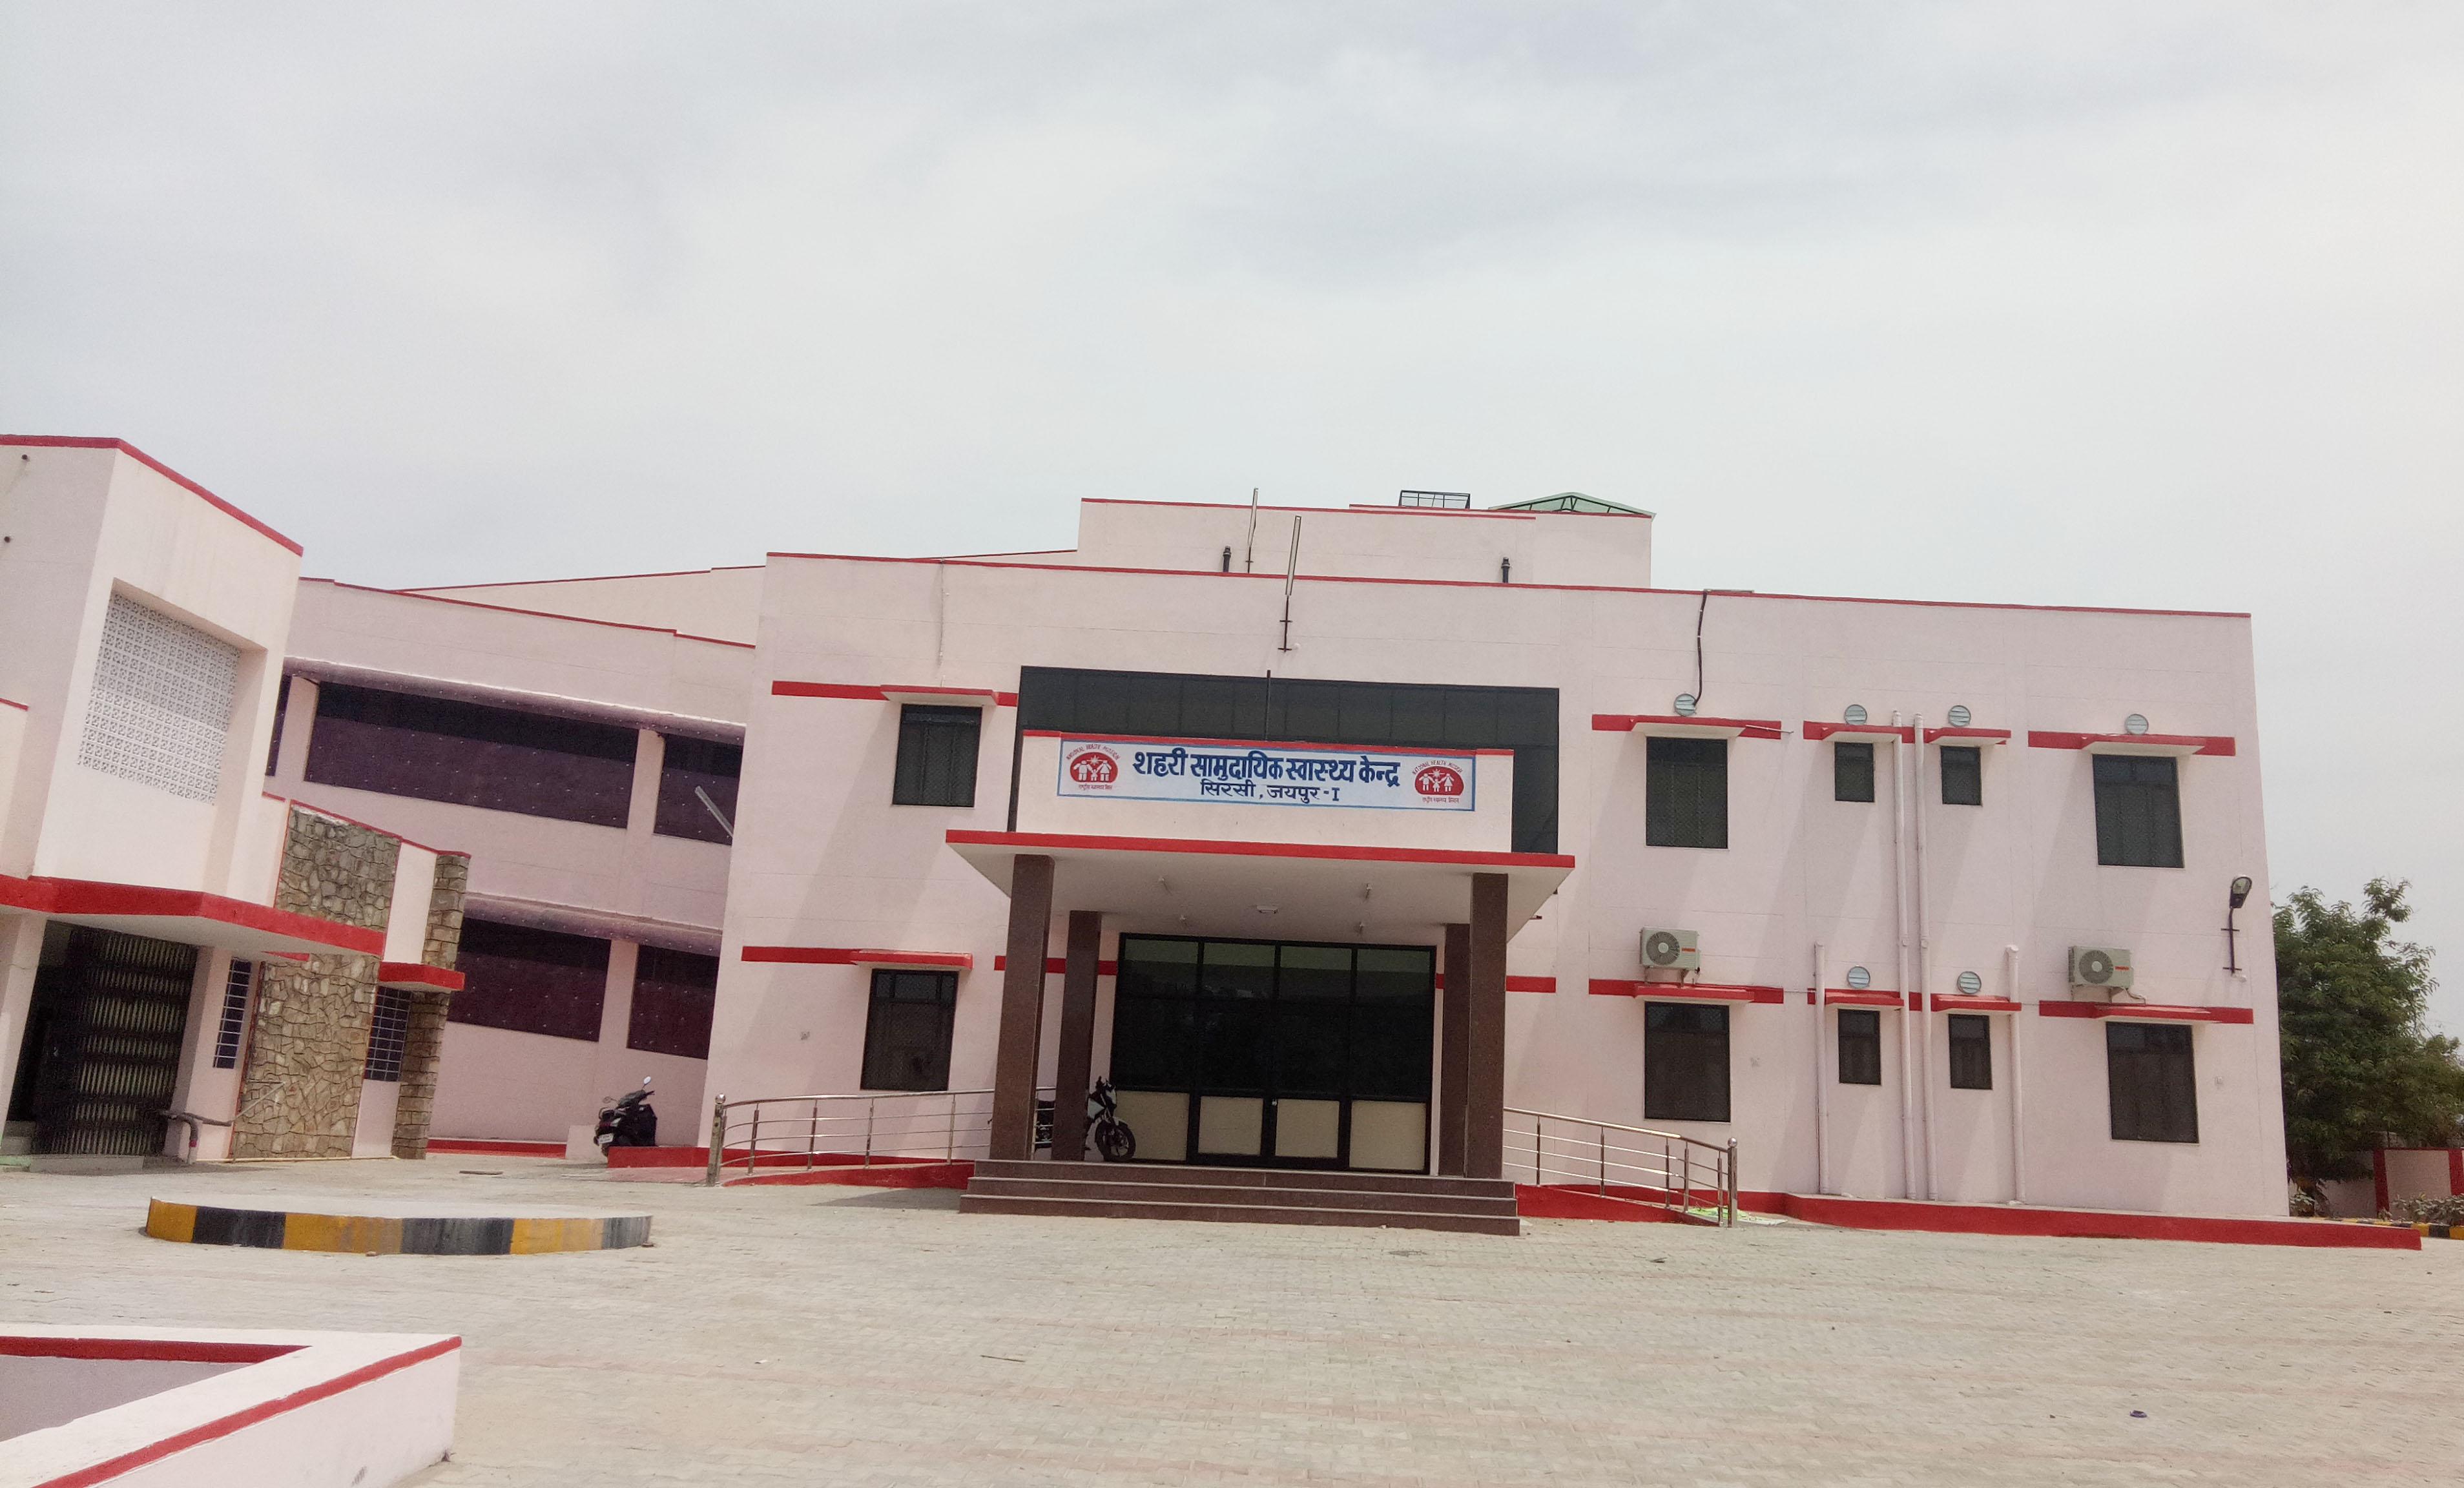 नेताओं की खींचतान में उलझा सामुदायिक स्वास्थ्य केन्द्र